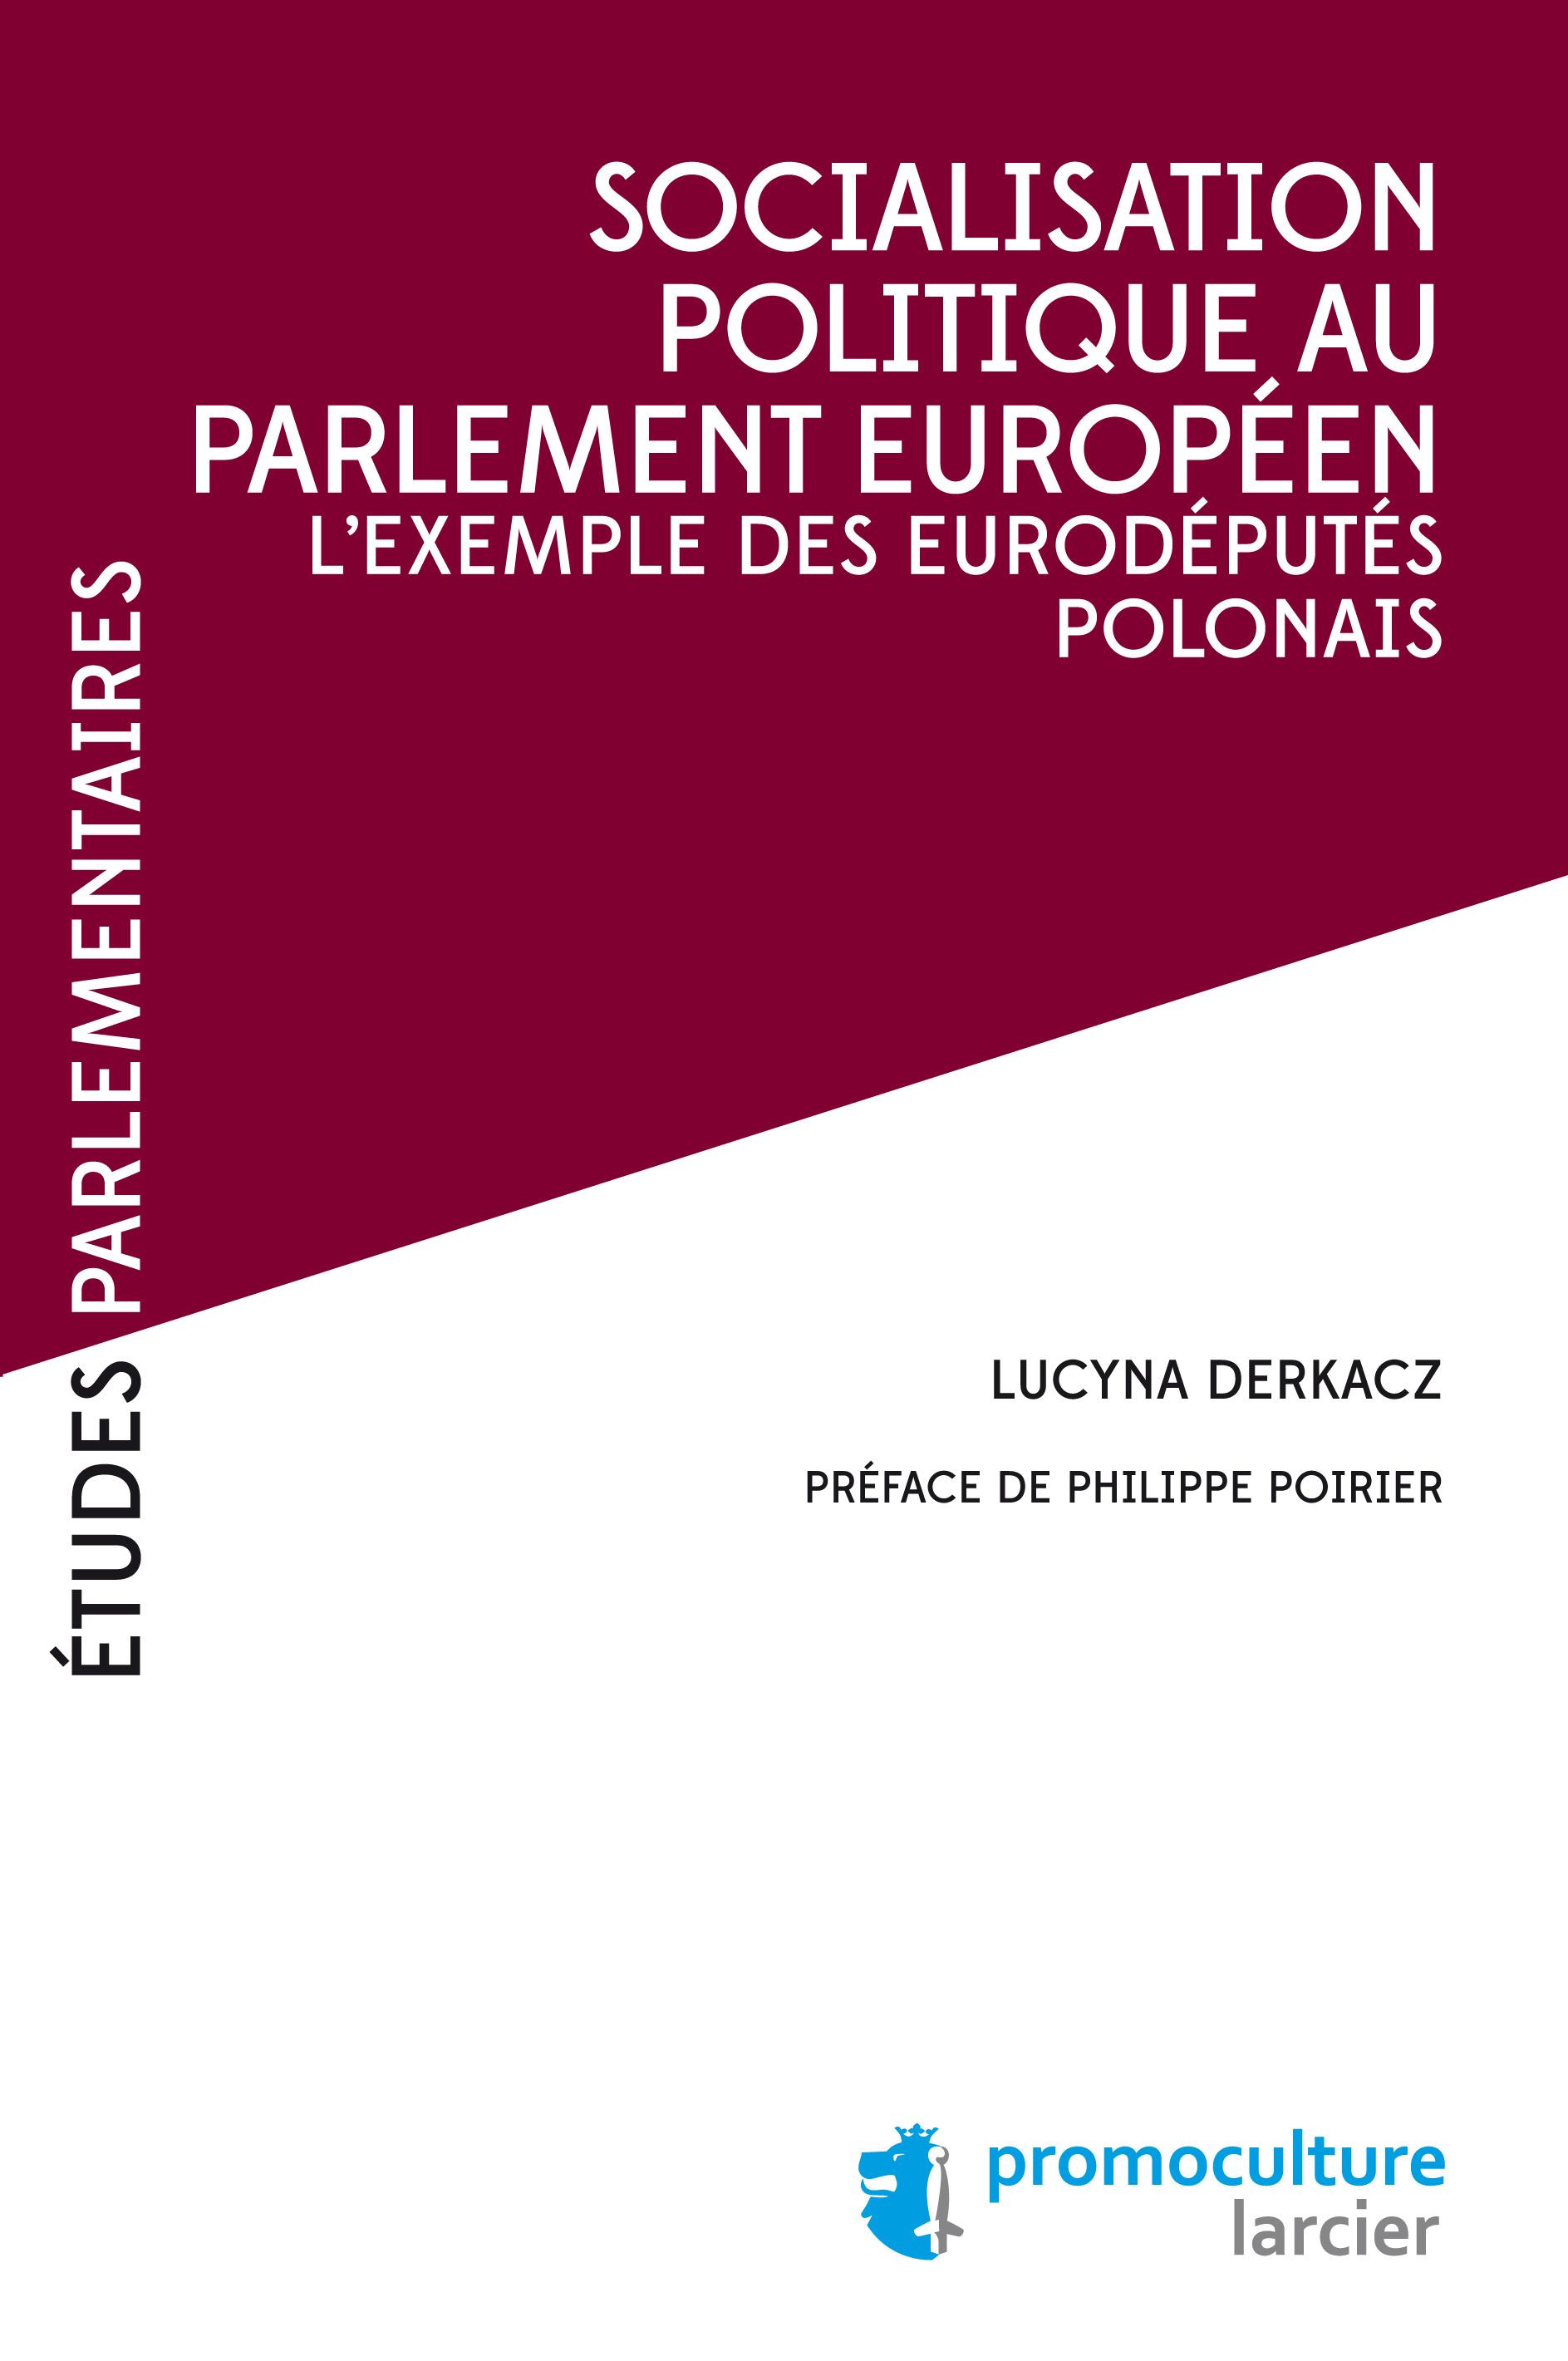 Socialisation politique au Parlement européen